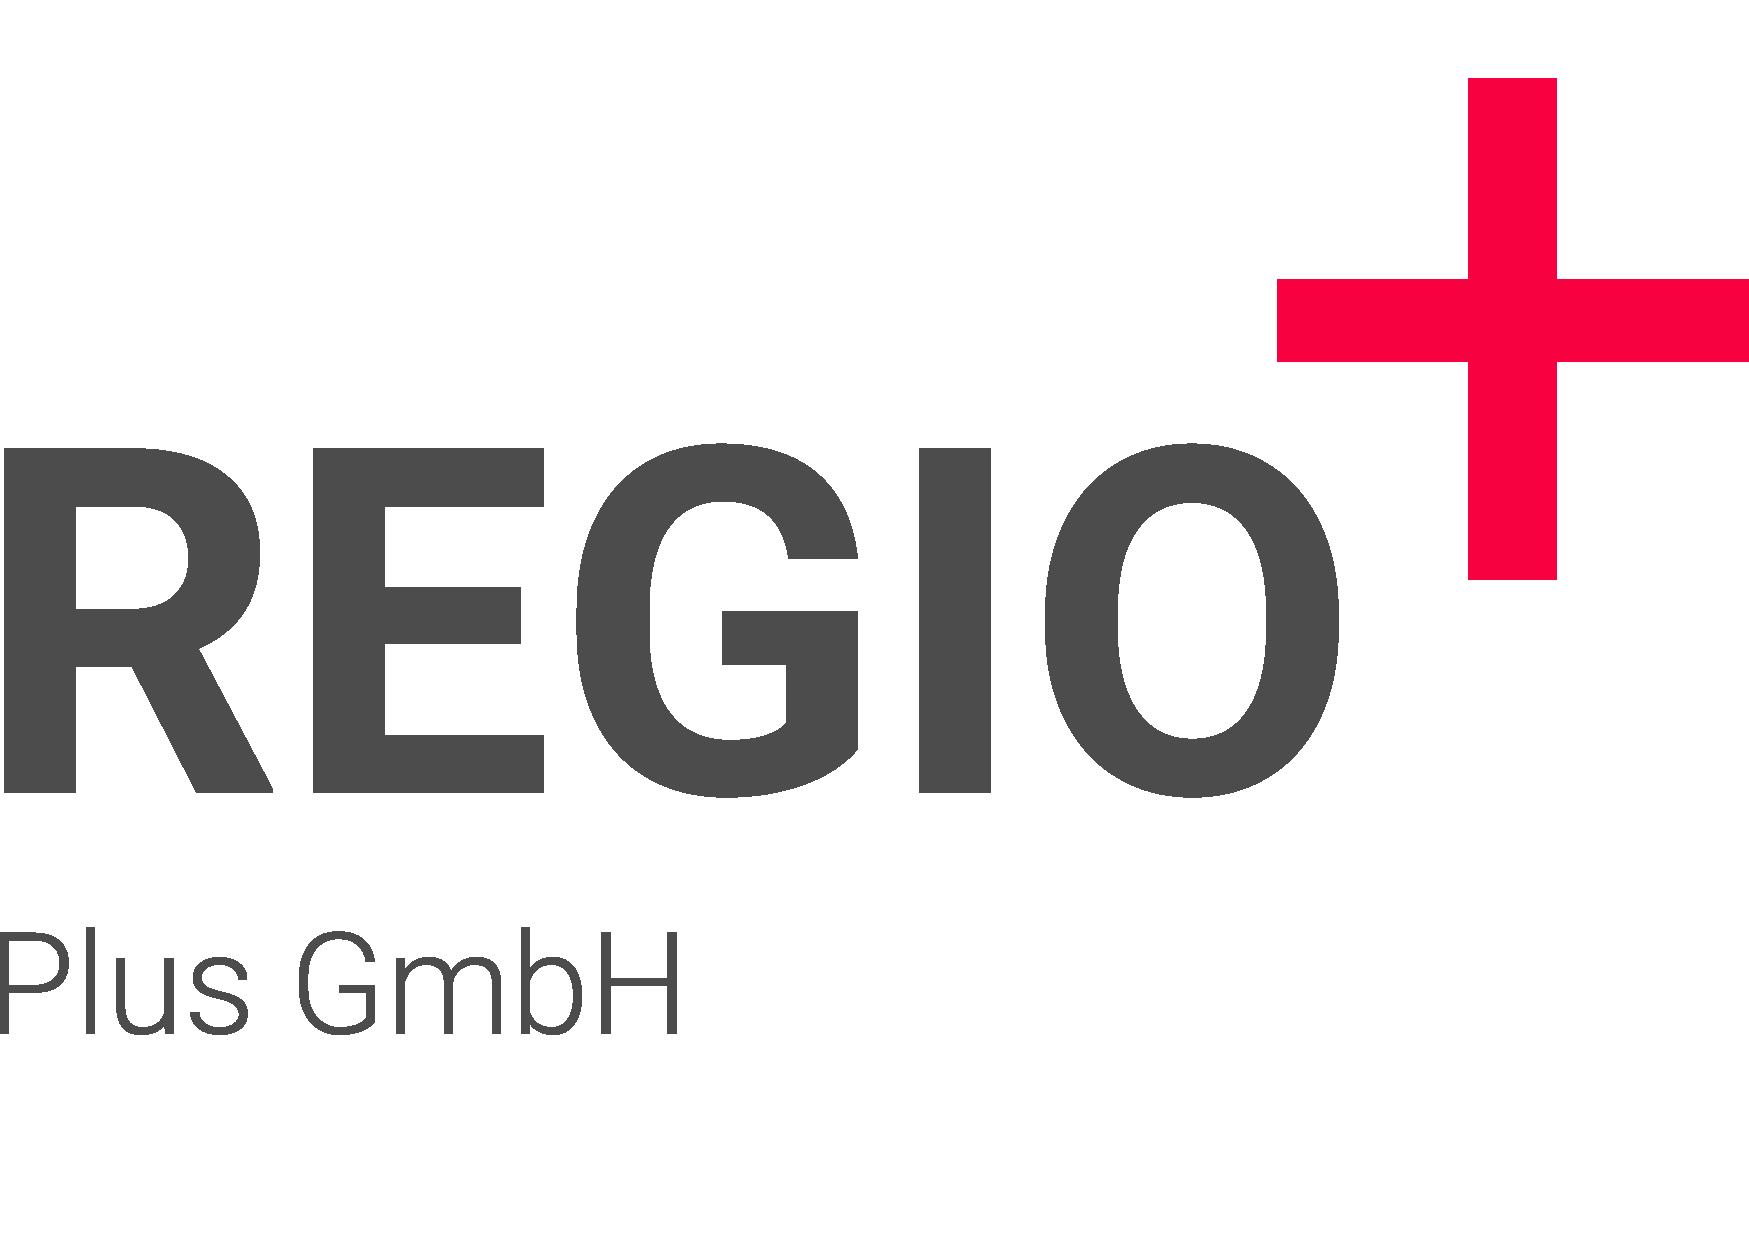 regio plus gmbh